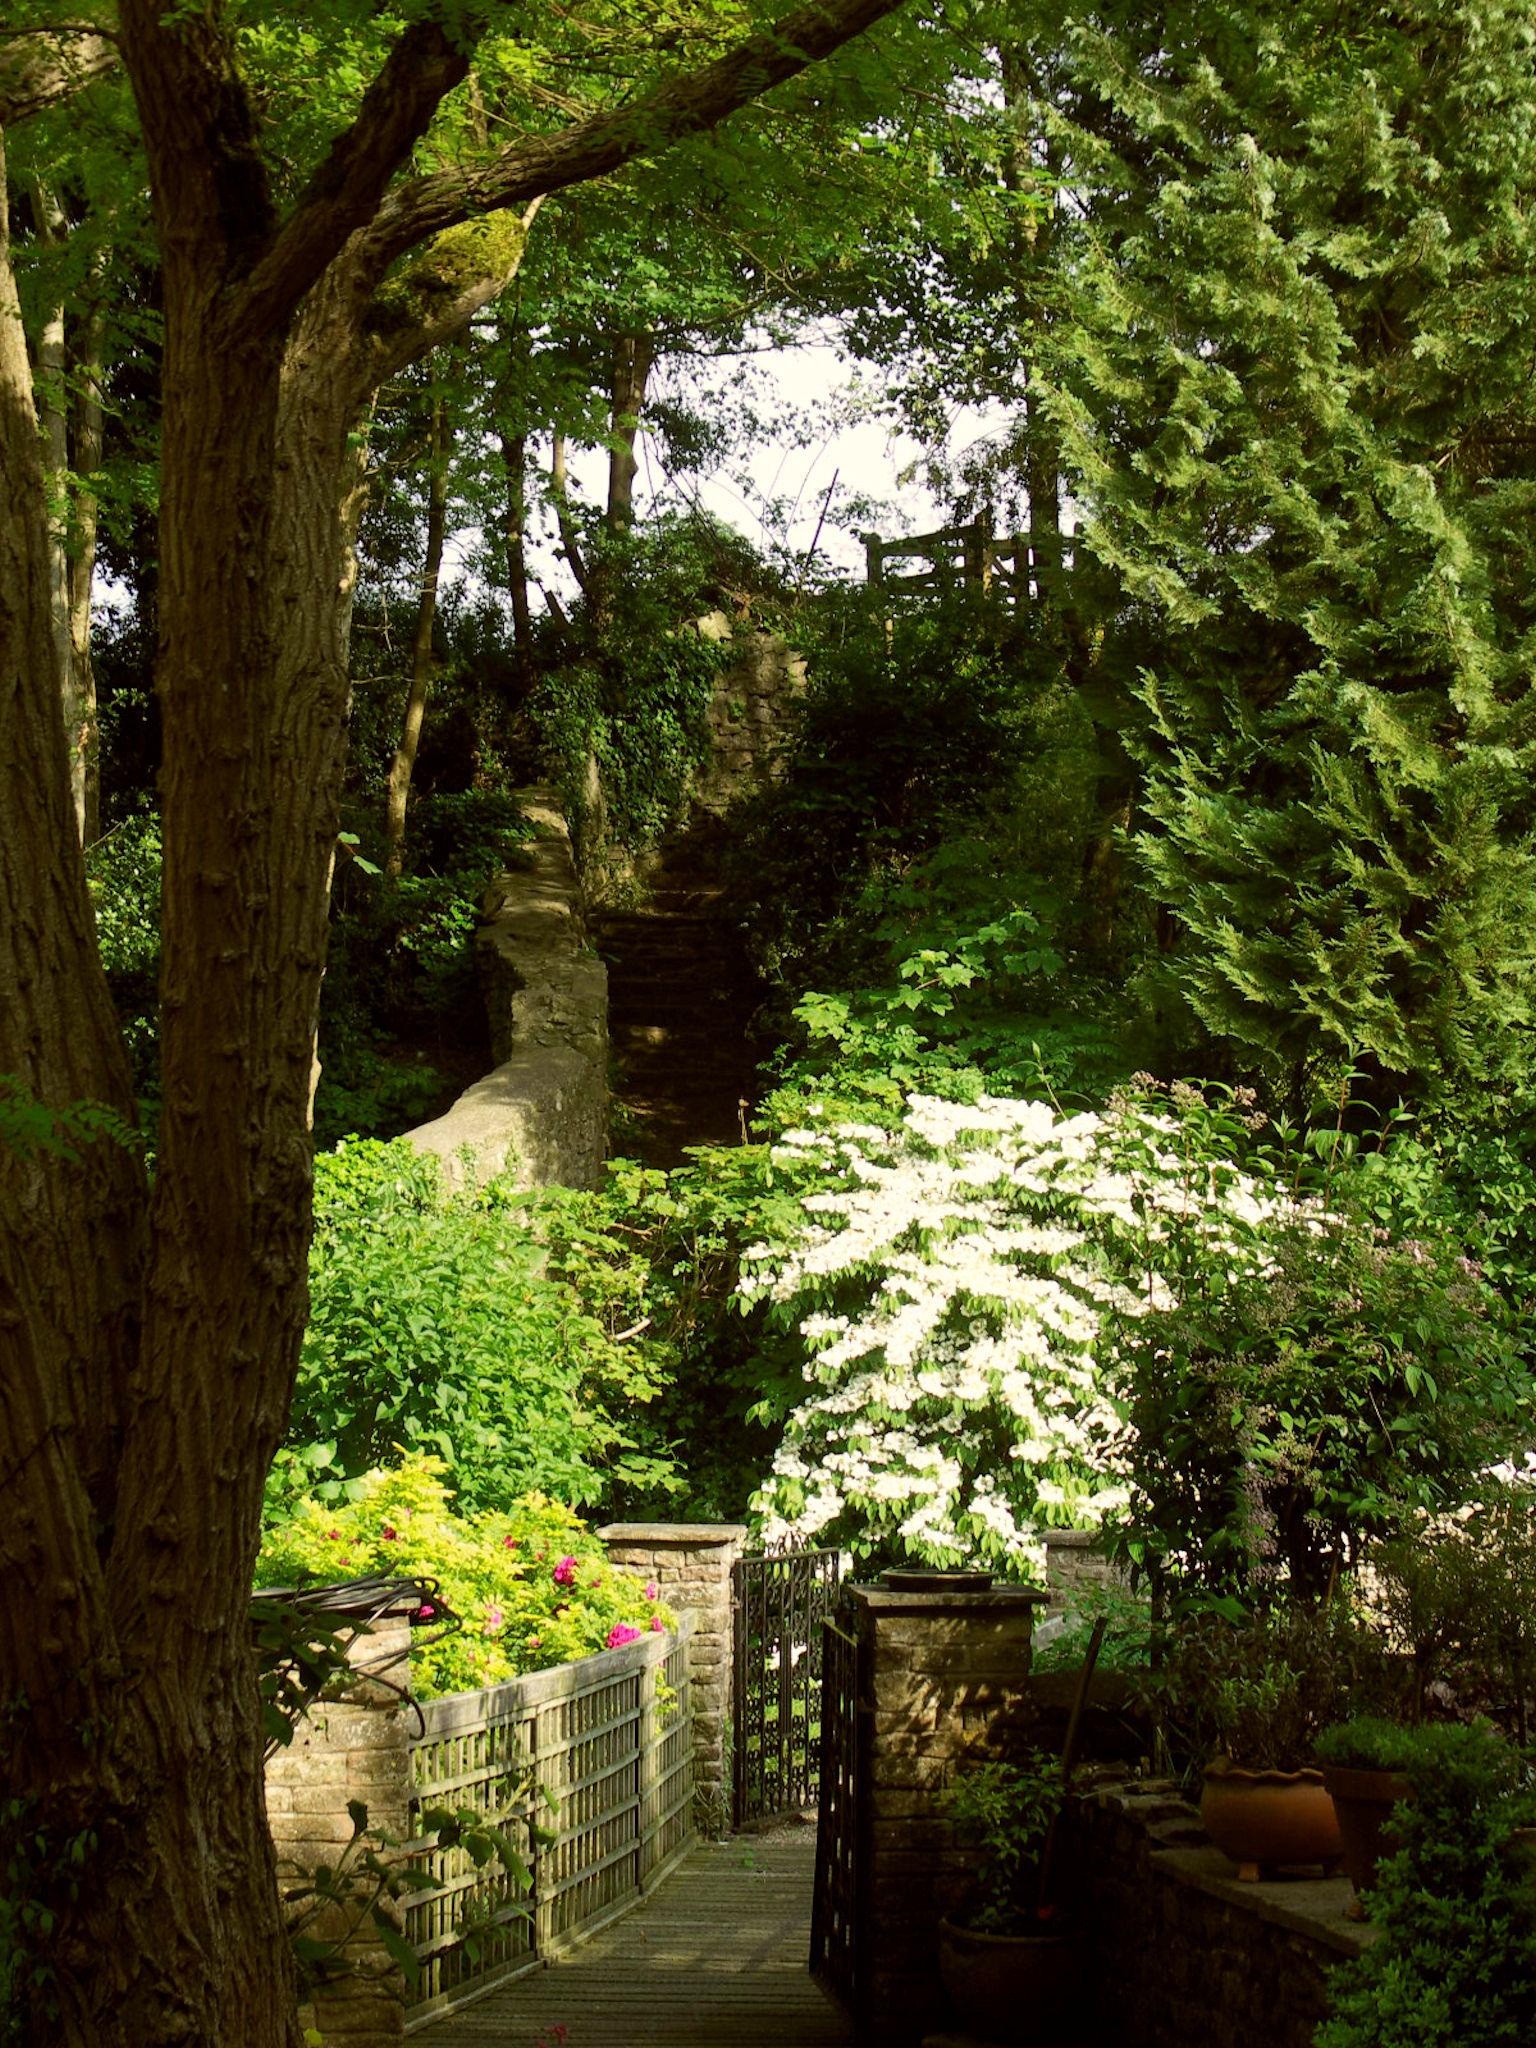 A view through the Acacia towards the bridge